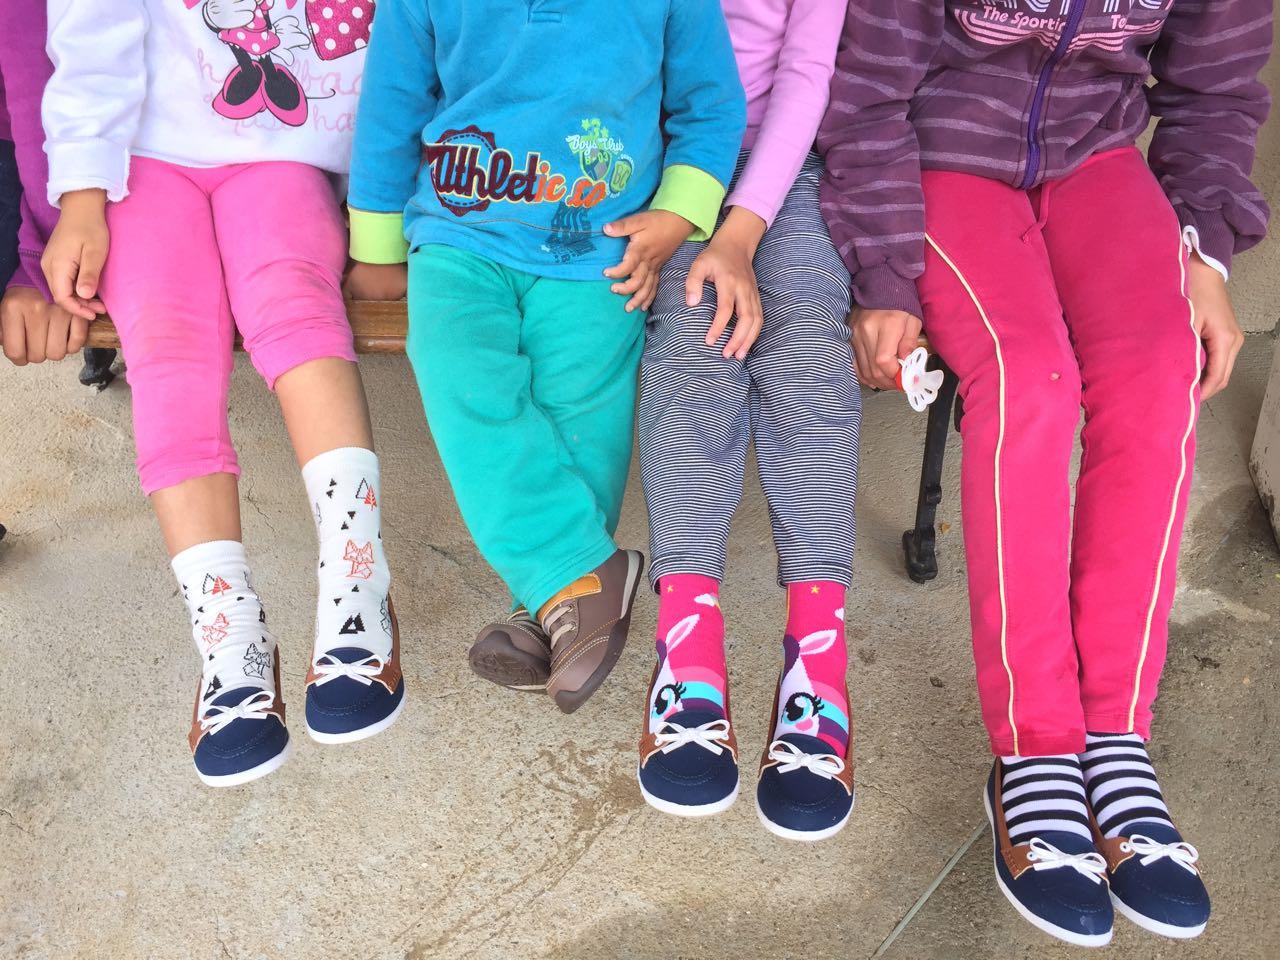 Omar Beira Rio  samaritans crianças